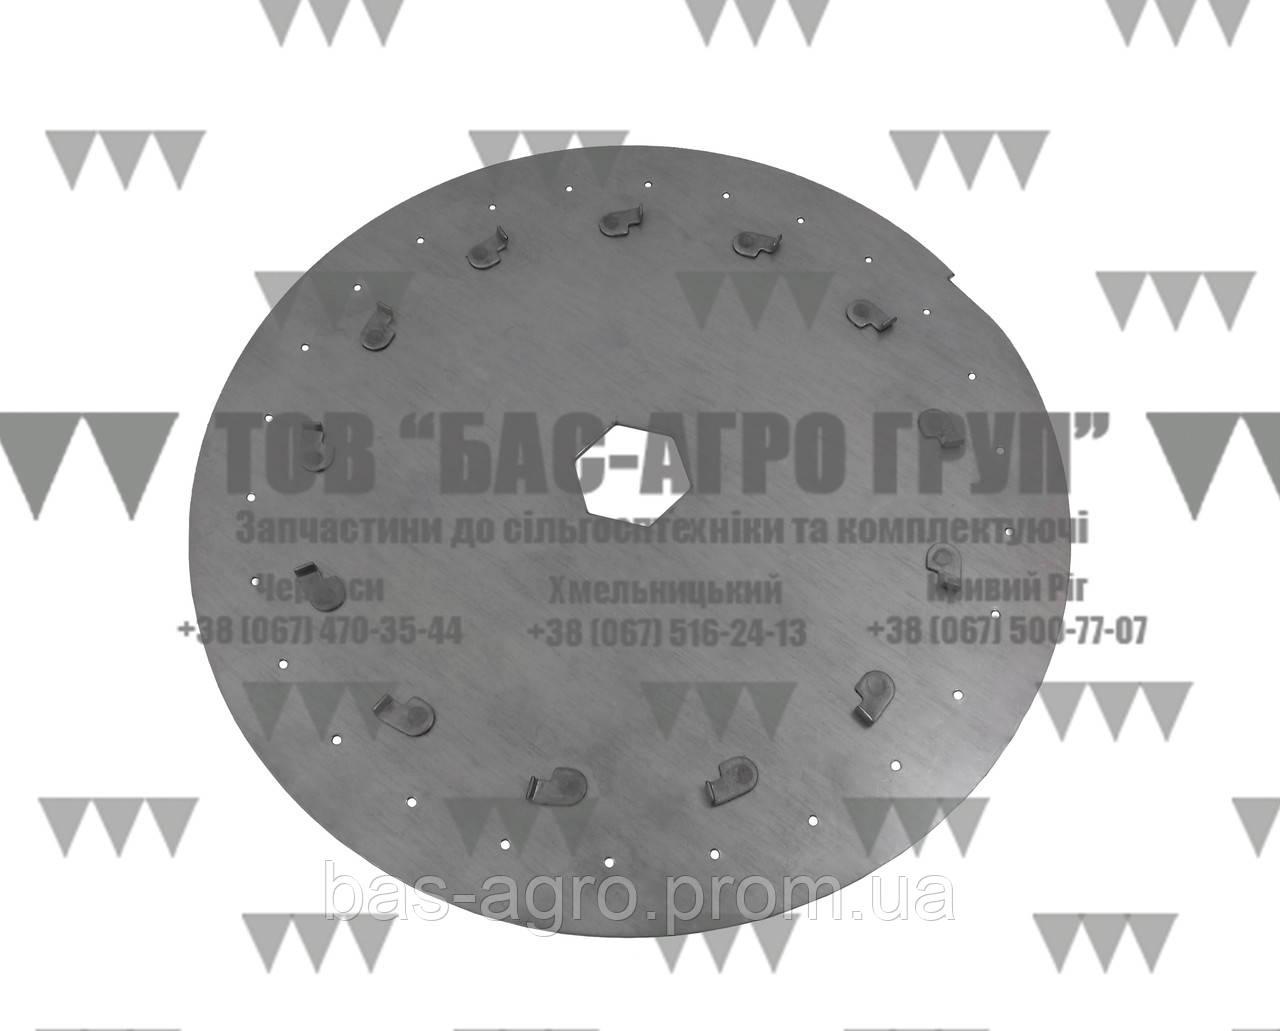 Диск высевающий (свекла), G10121420 Gaspardo аналог